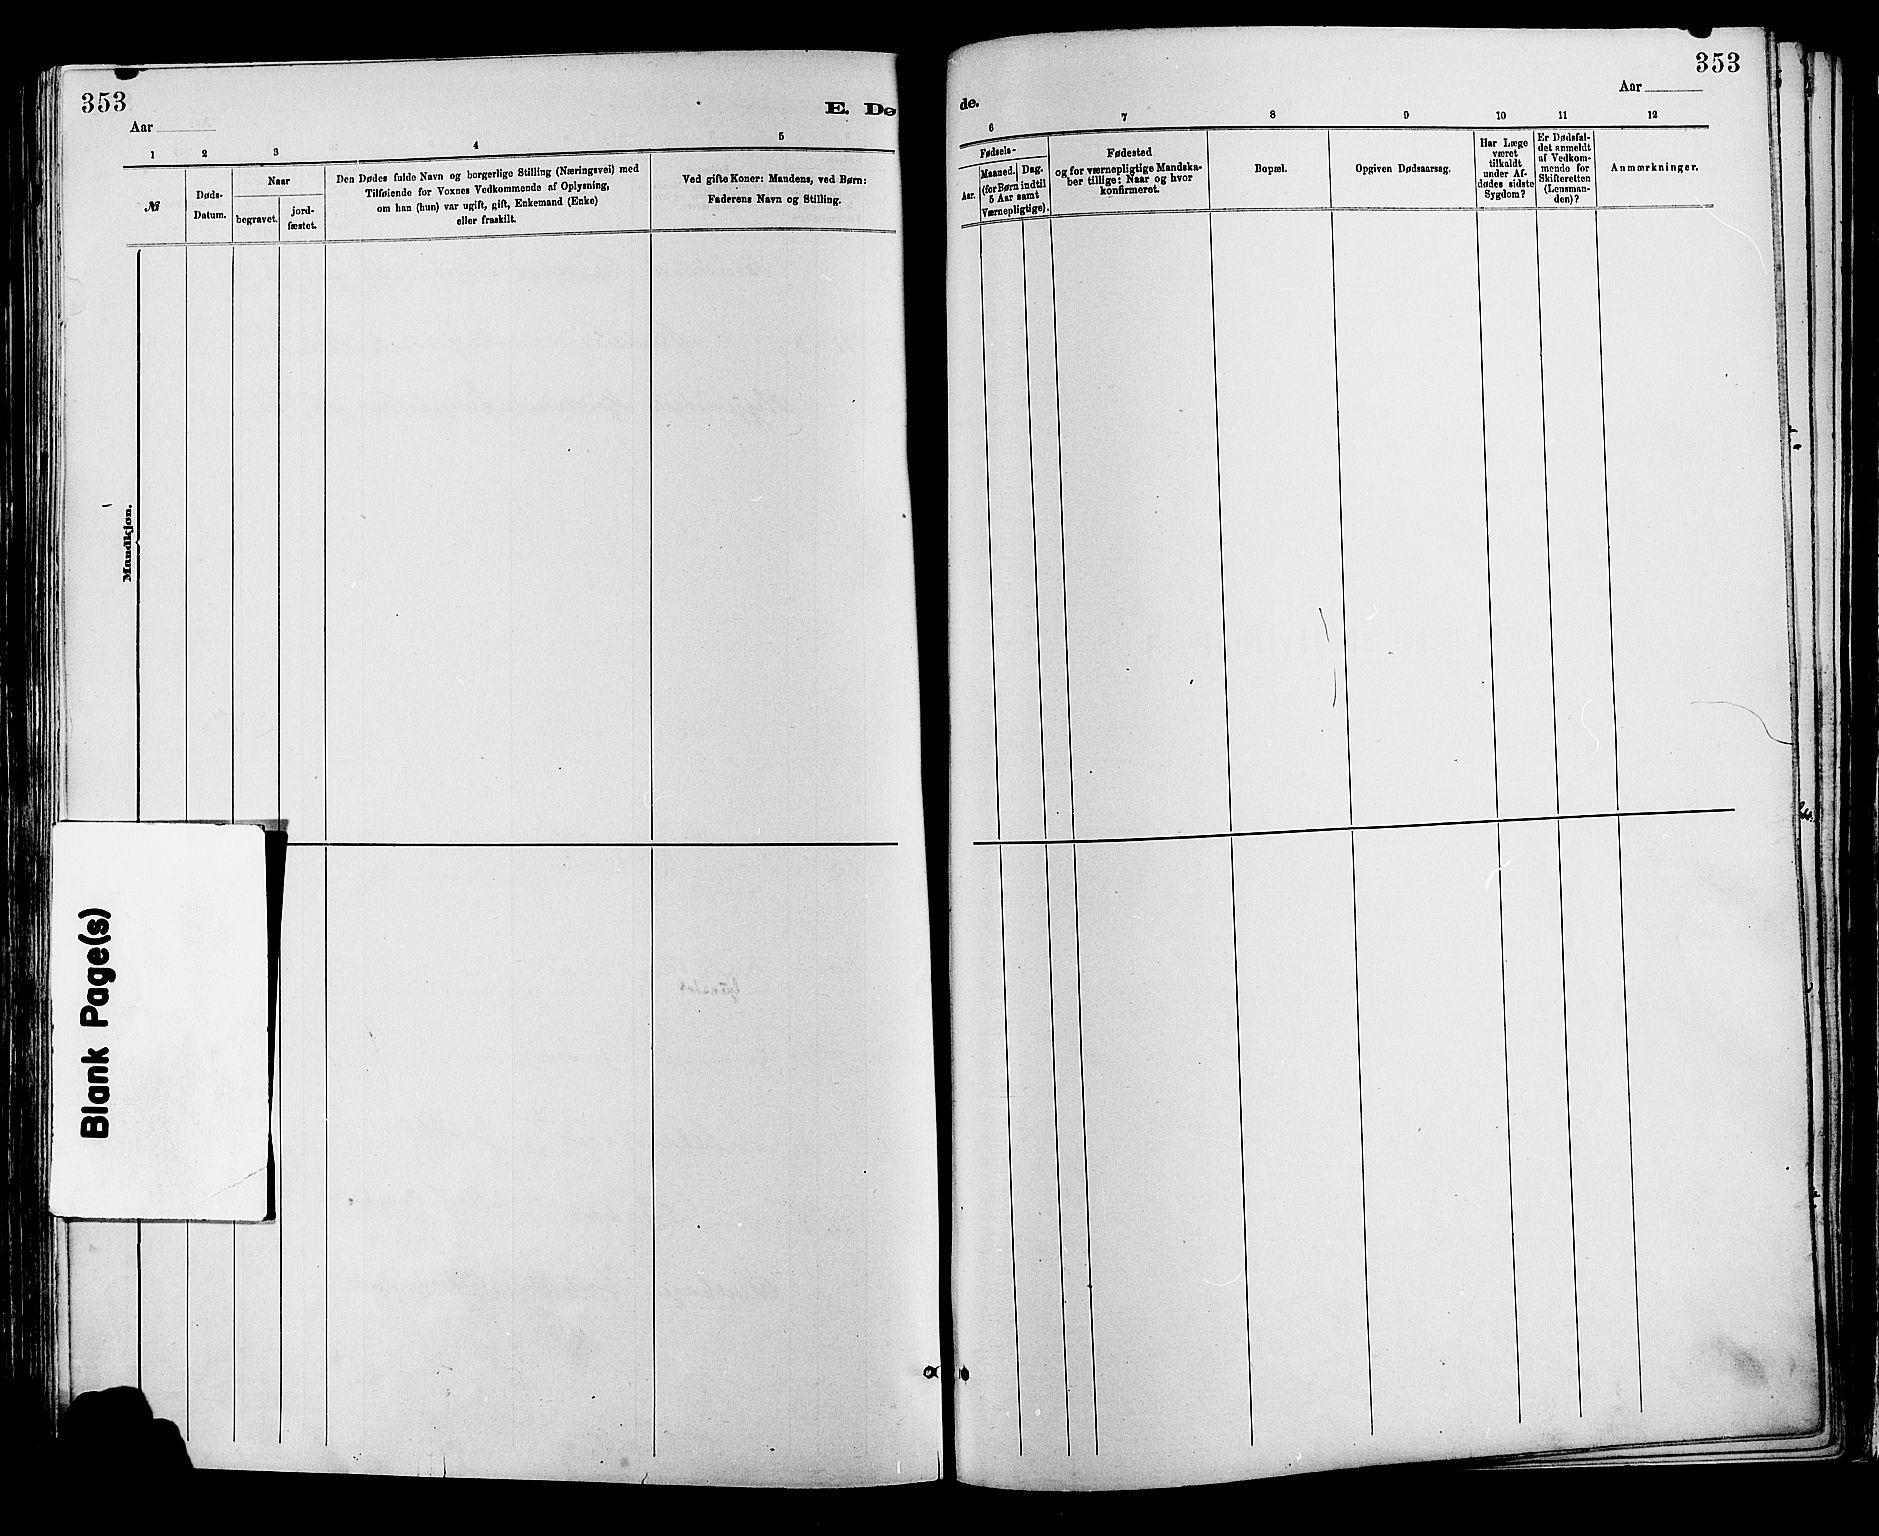 SAH, Sør-Fron prestekontor, H/Ha/Haa/L0003: Ministerialbok nr. 3, 1881-1897, s. 353